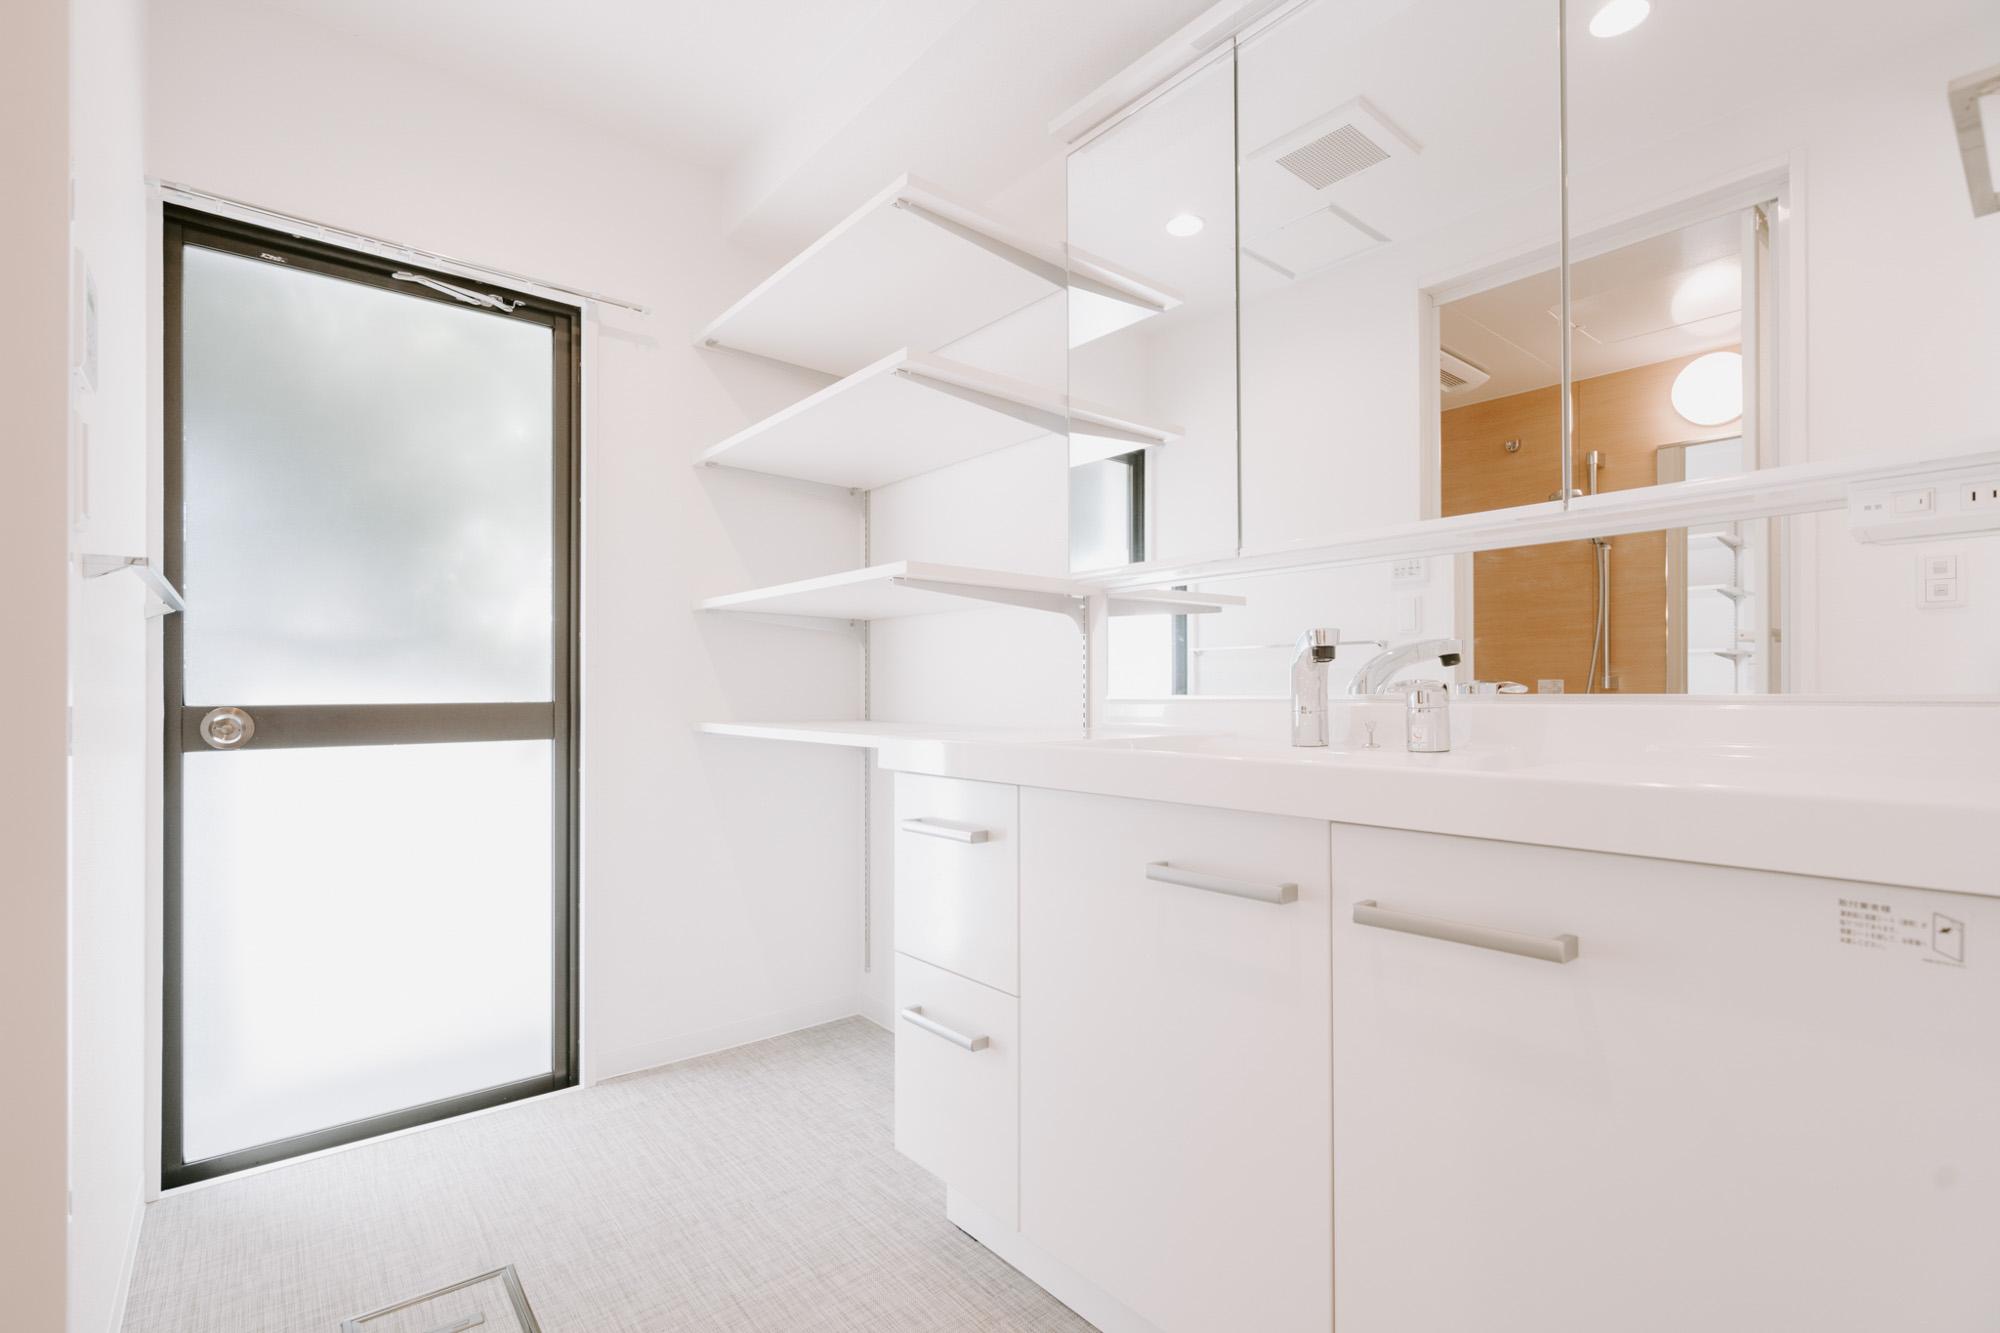 洗面台がとても大きいのも嬉しい!大人が二人並んで立っても余裕があります。